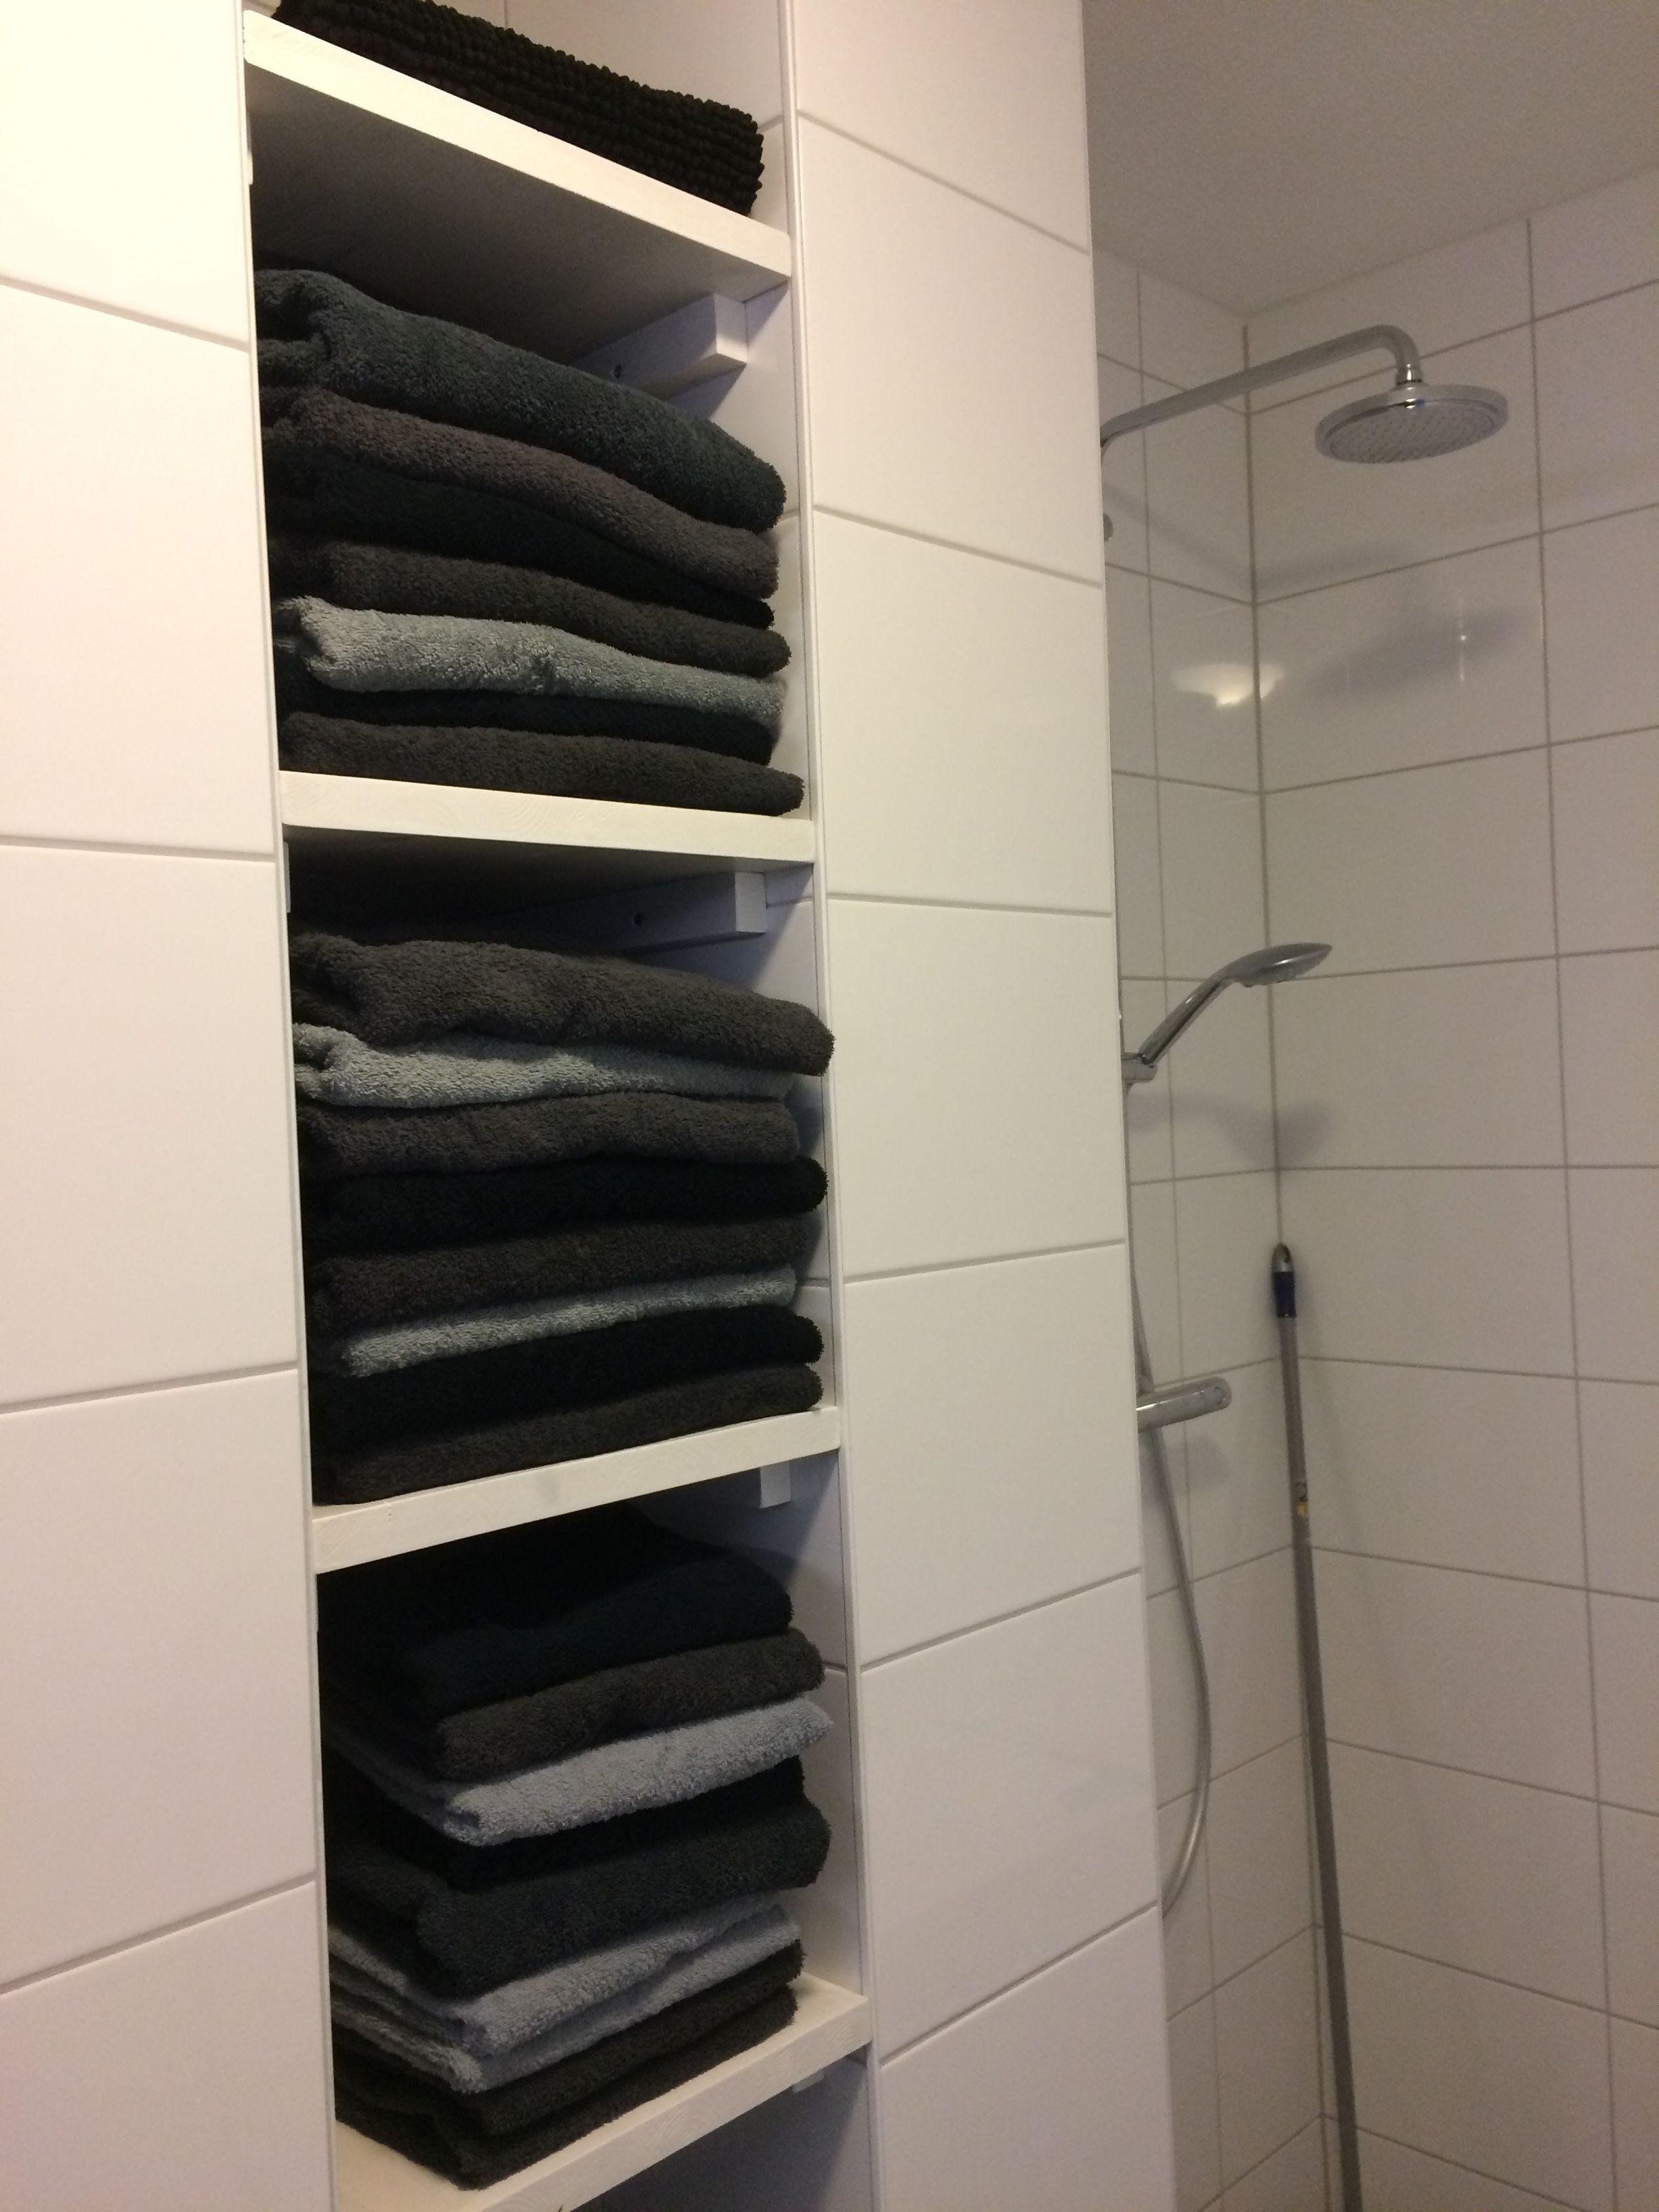 Badkamer moderne badkamer nissen voor handdoeken nis | Meubel ideeën ...